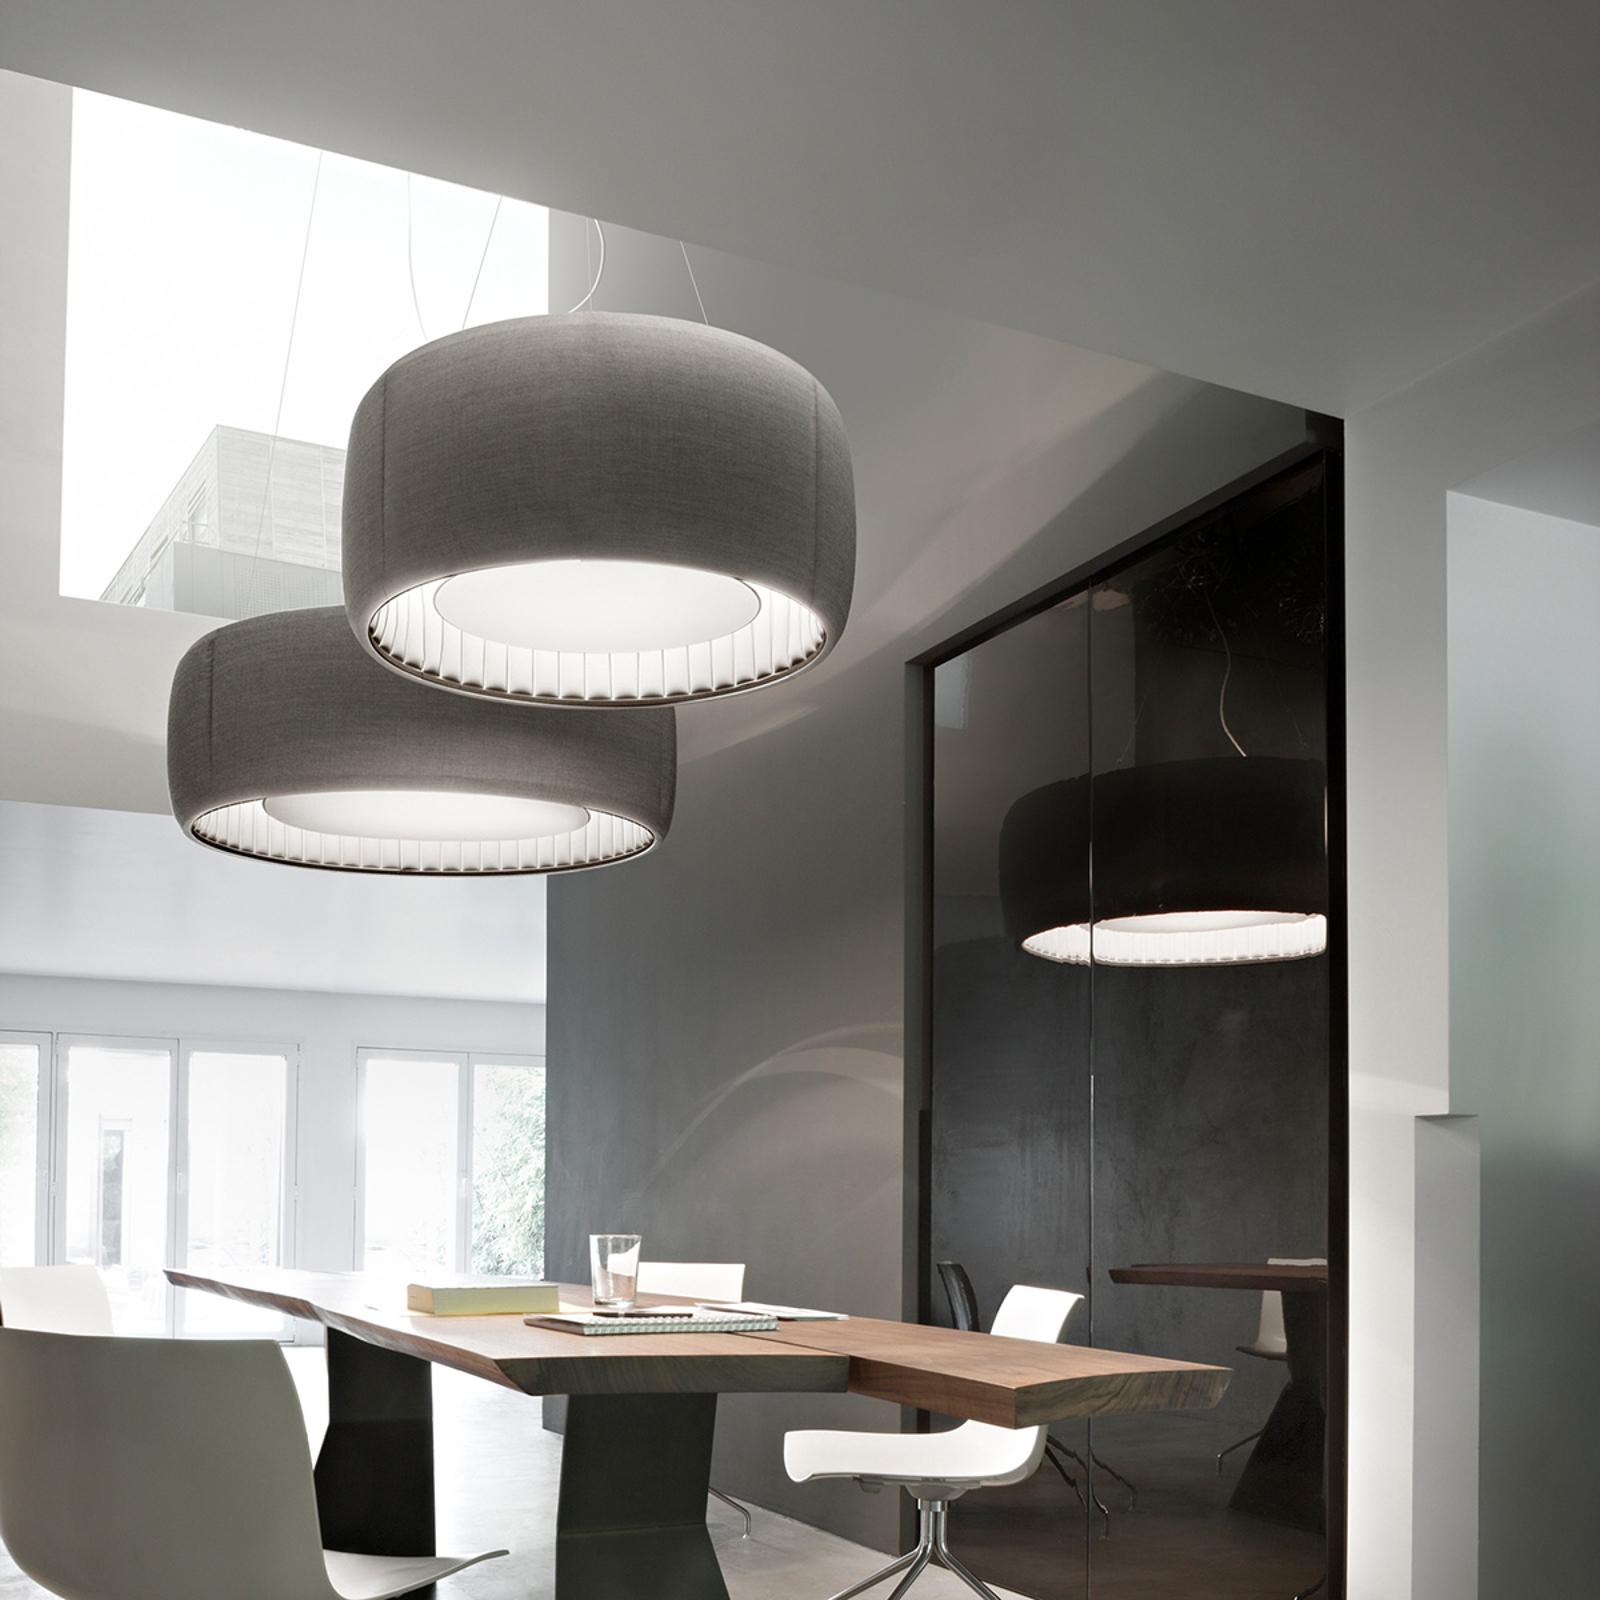 Luceplan Silenzio LED-Pendelleuchte grau Ø 120cm